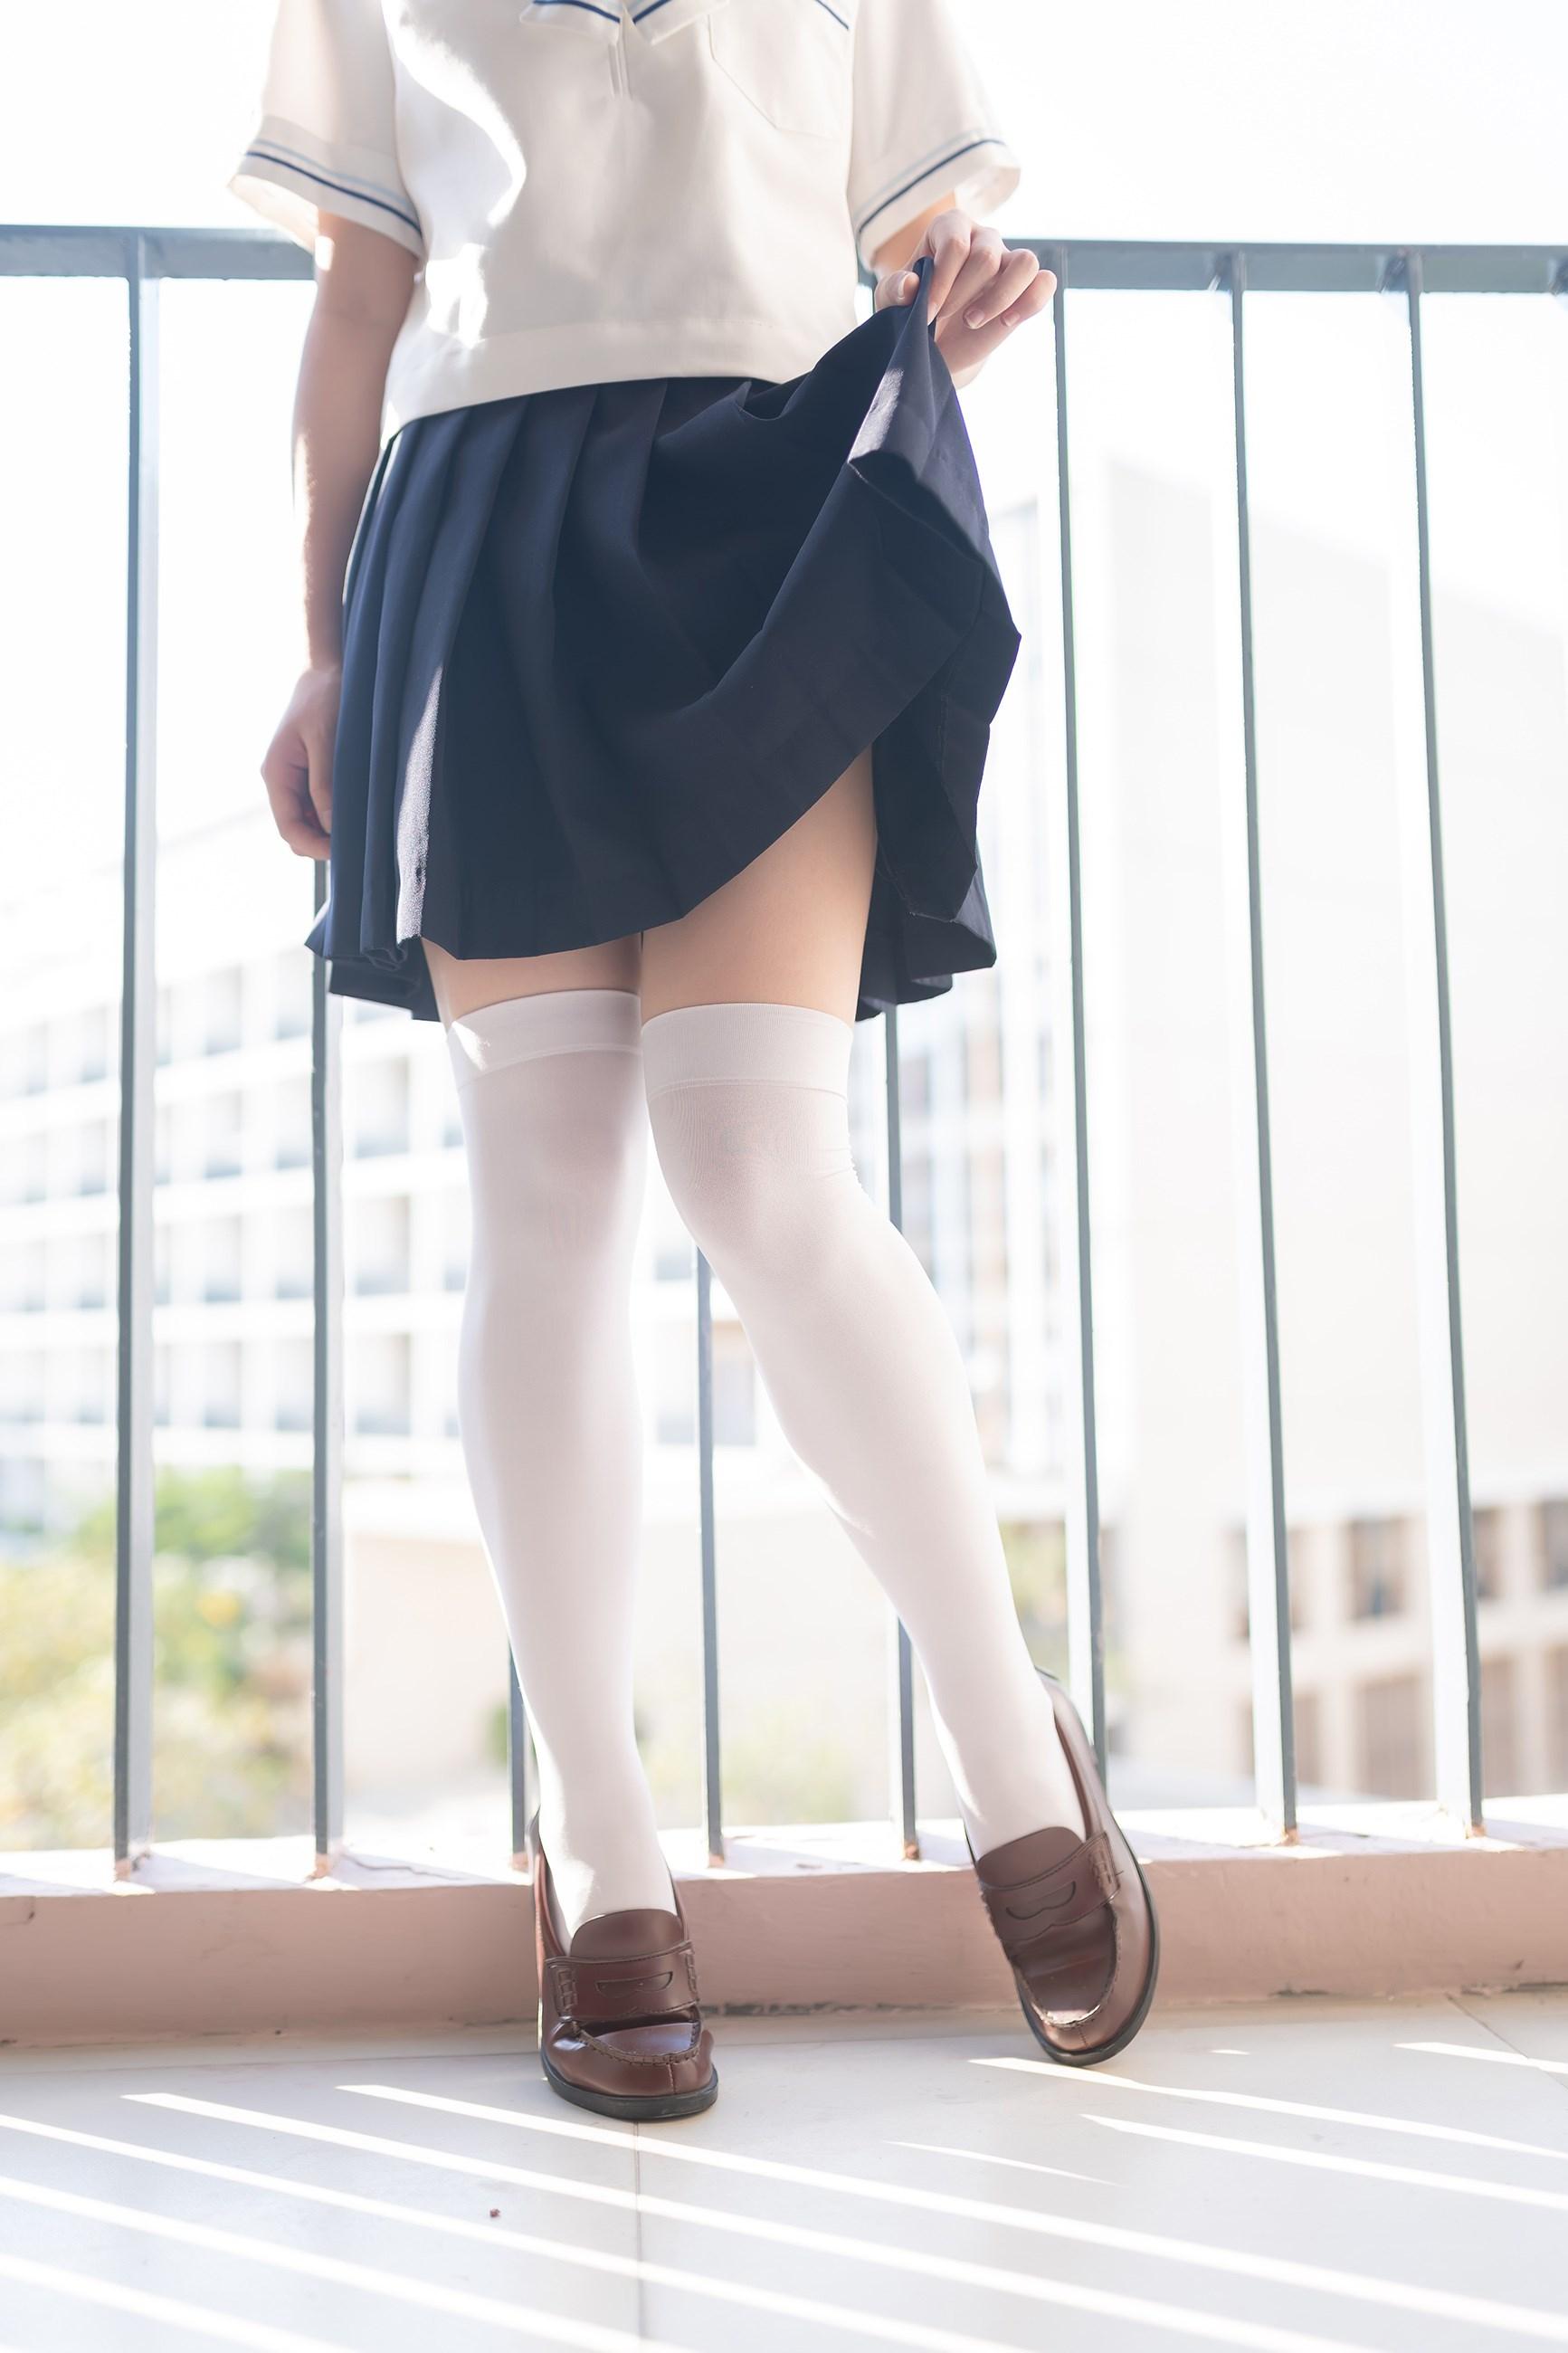 【兔玩映画】楼梯上的白丝少女 兔玩映画 第21张